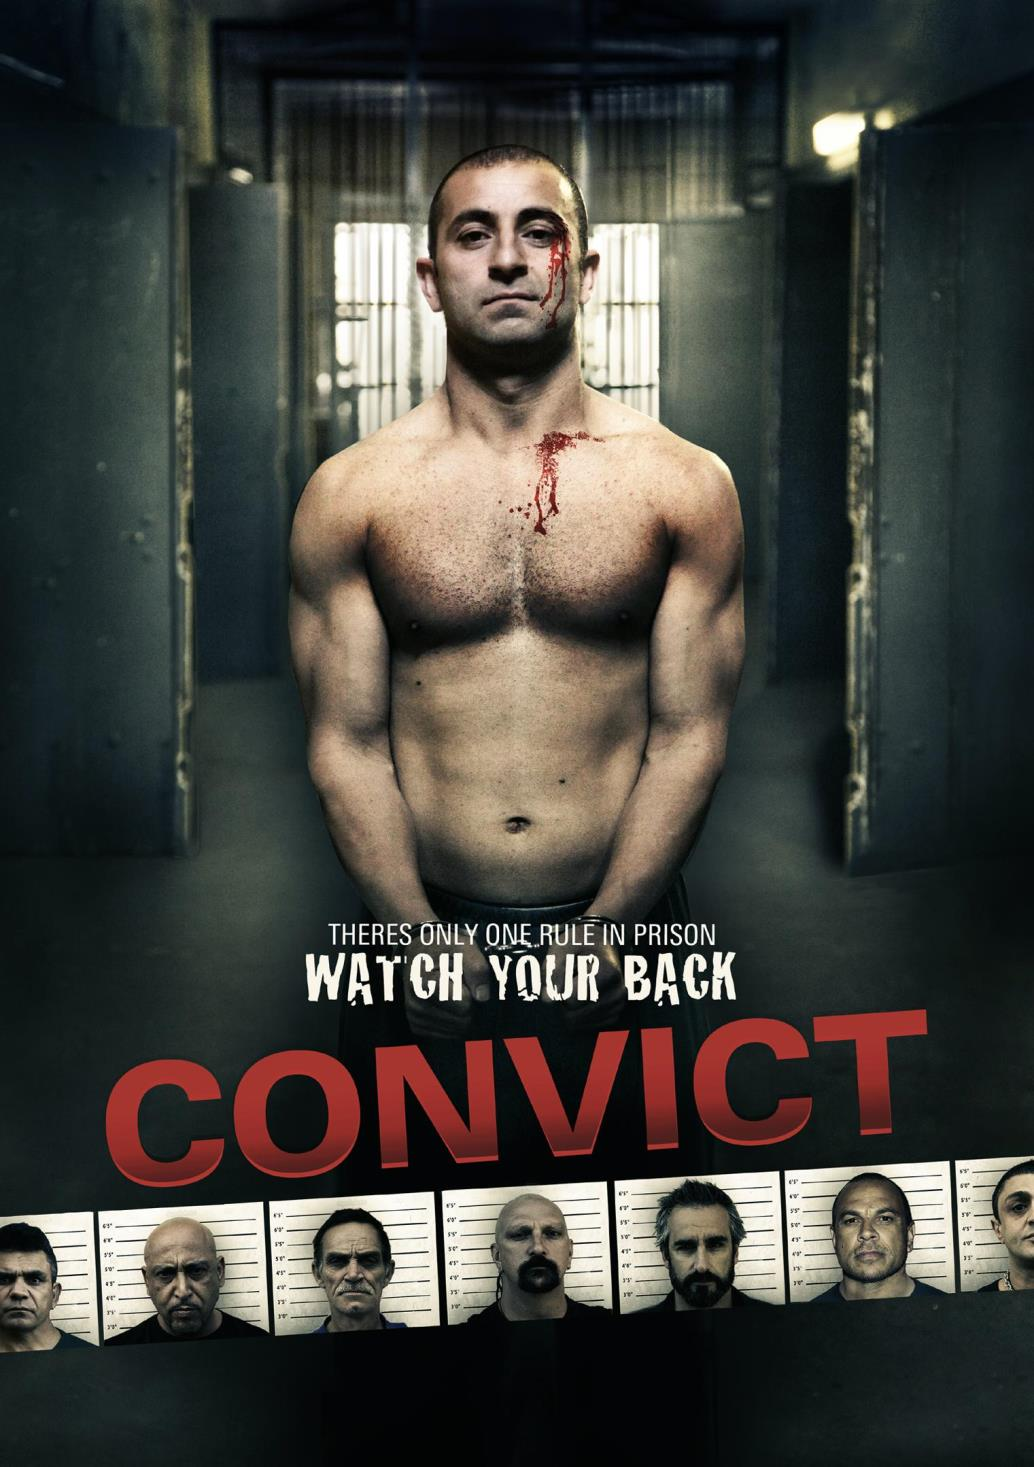 Convict%202014.1 1 دانلود فیلم Convict 2014